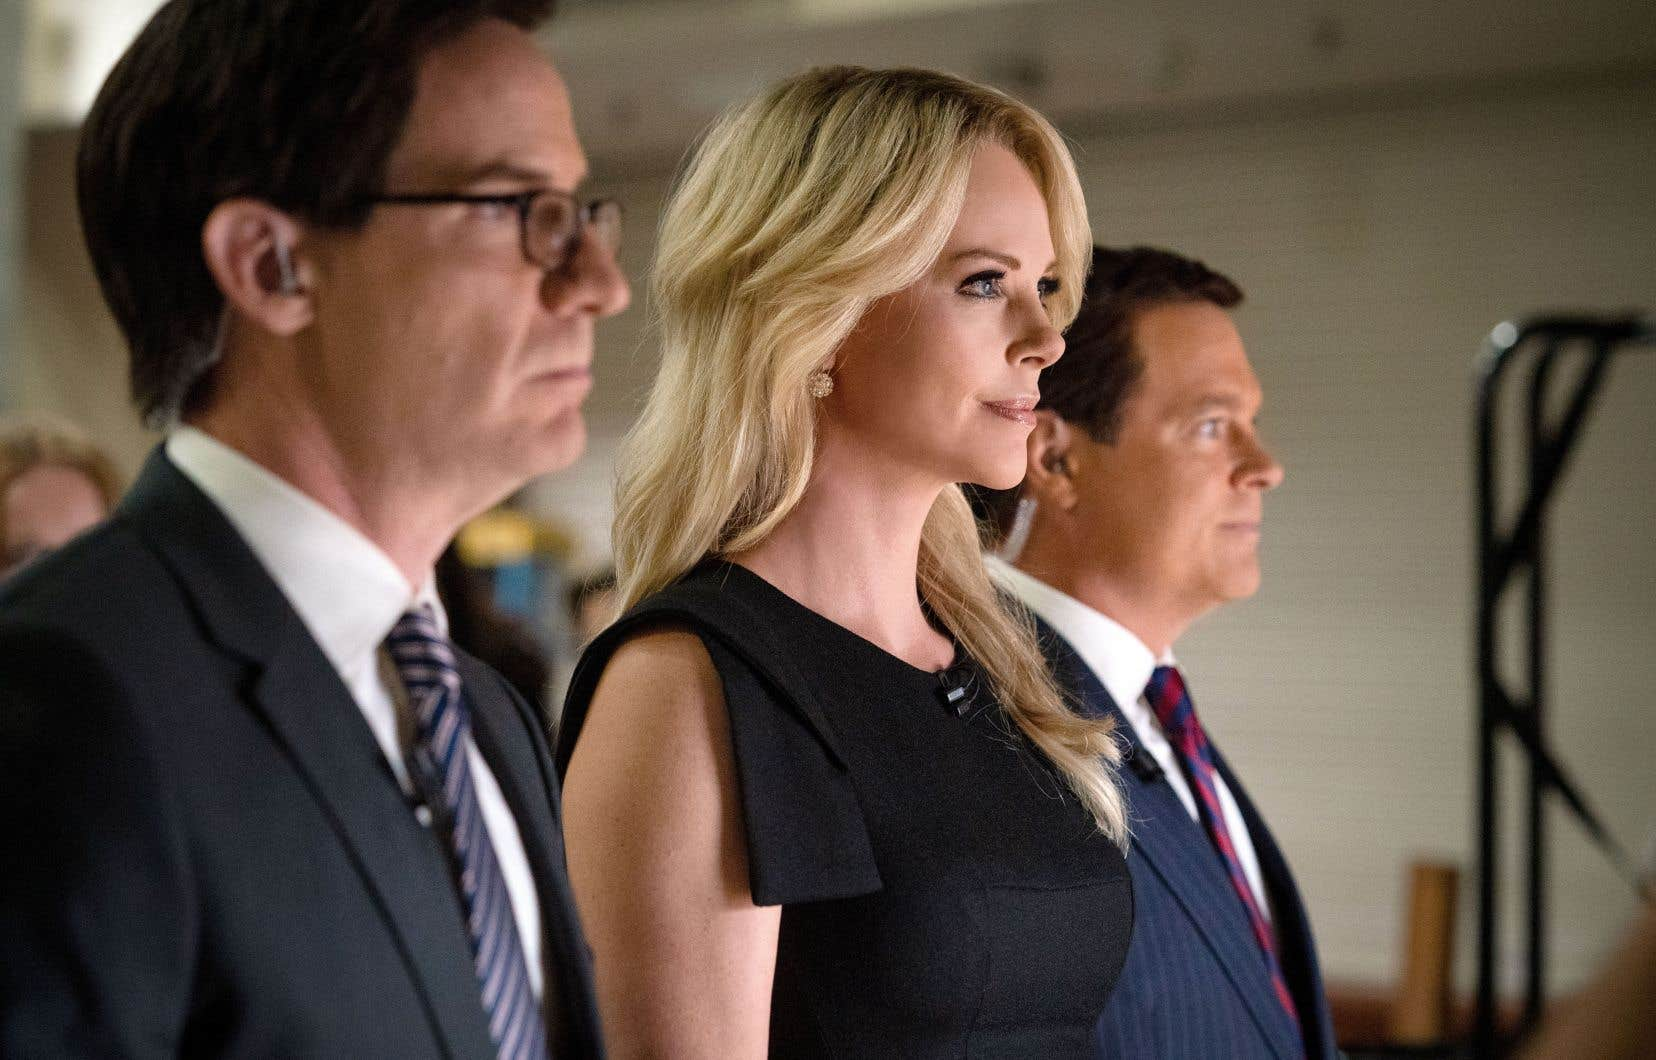 La comédienne Charlize Theron incarne avec brio une animatrice de Fox News dans «Bombshell», un film qui porte davantage sur le patriarcat que sur le harcèlement sexuel. L'ère du silence et de la complaisance est terminée.